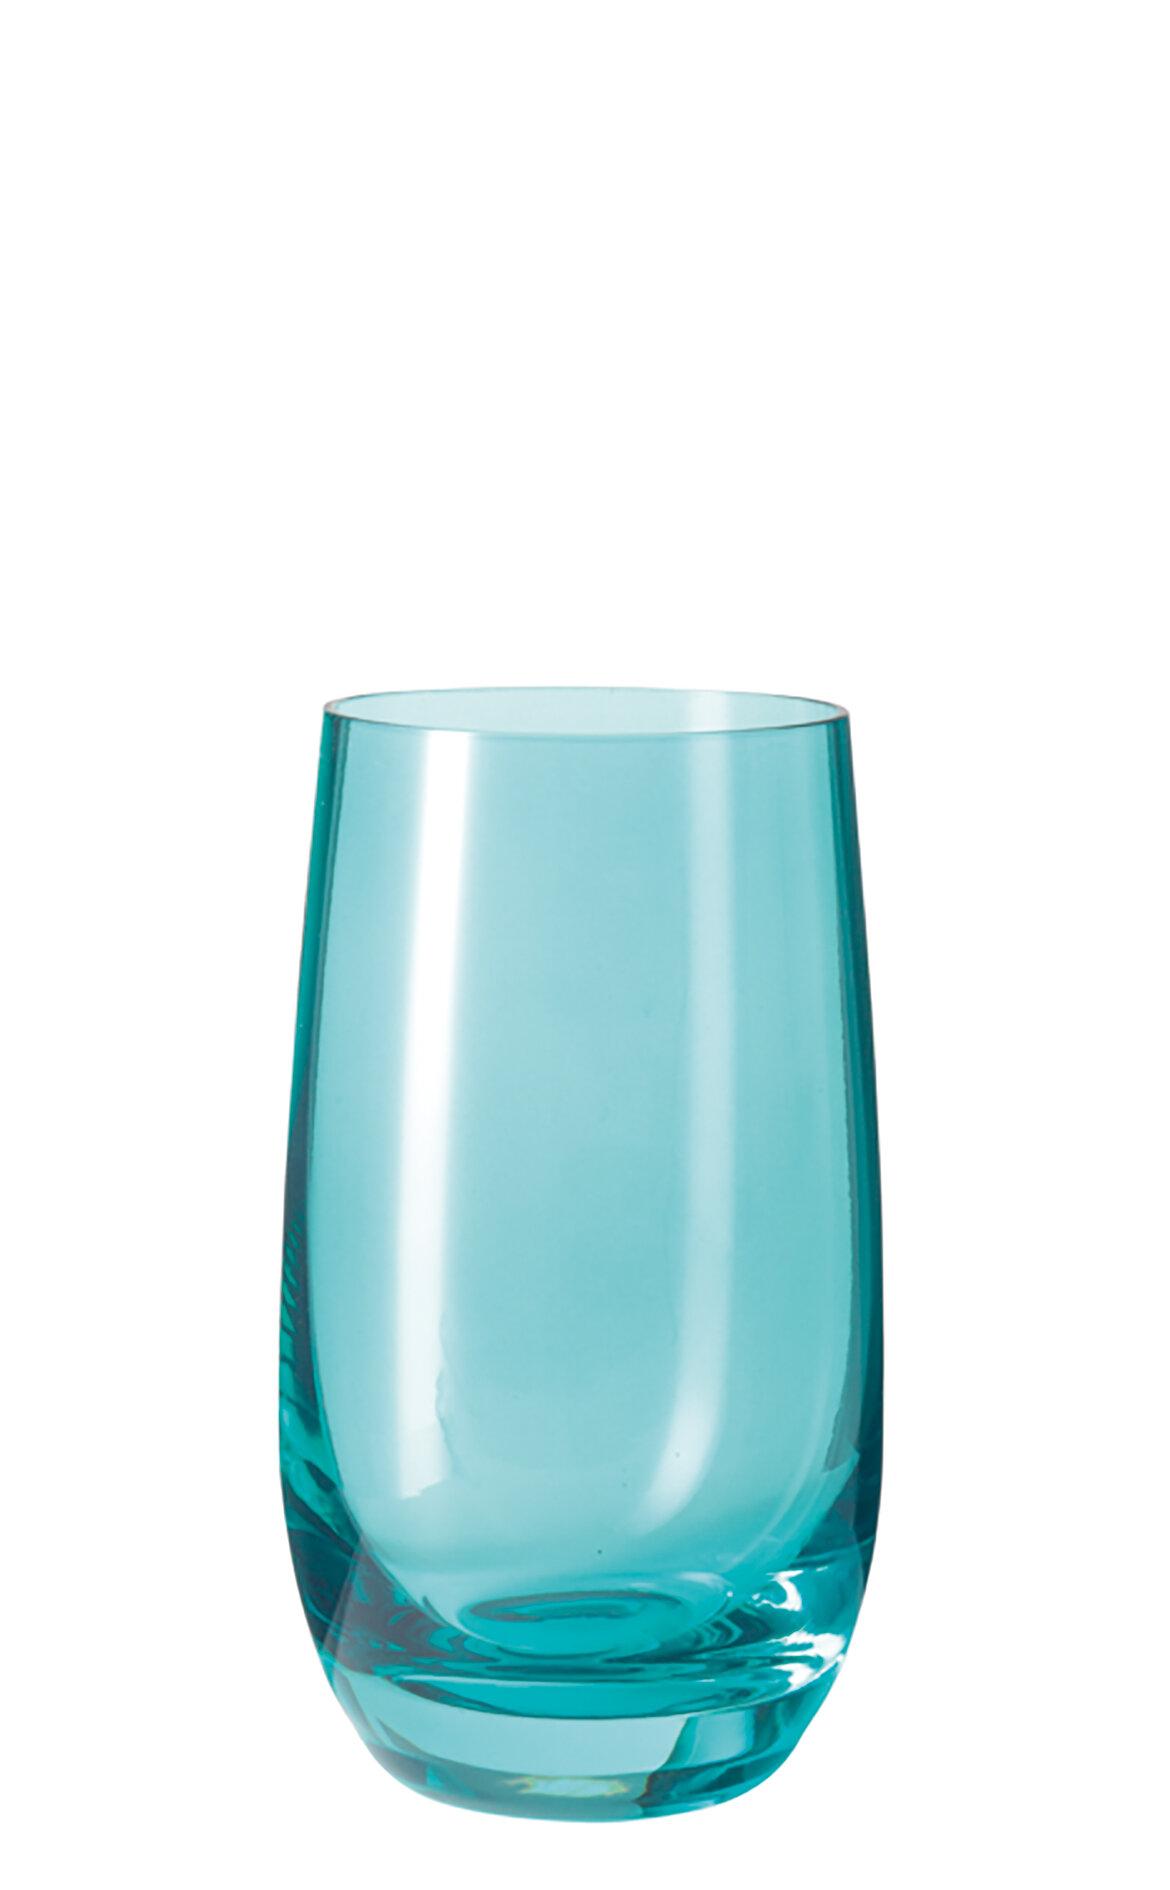 Leonardo Sora Turkuaz Su Bardağı 390 ml.